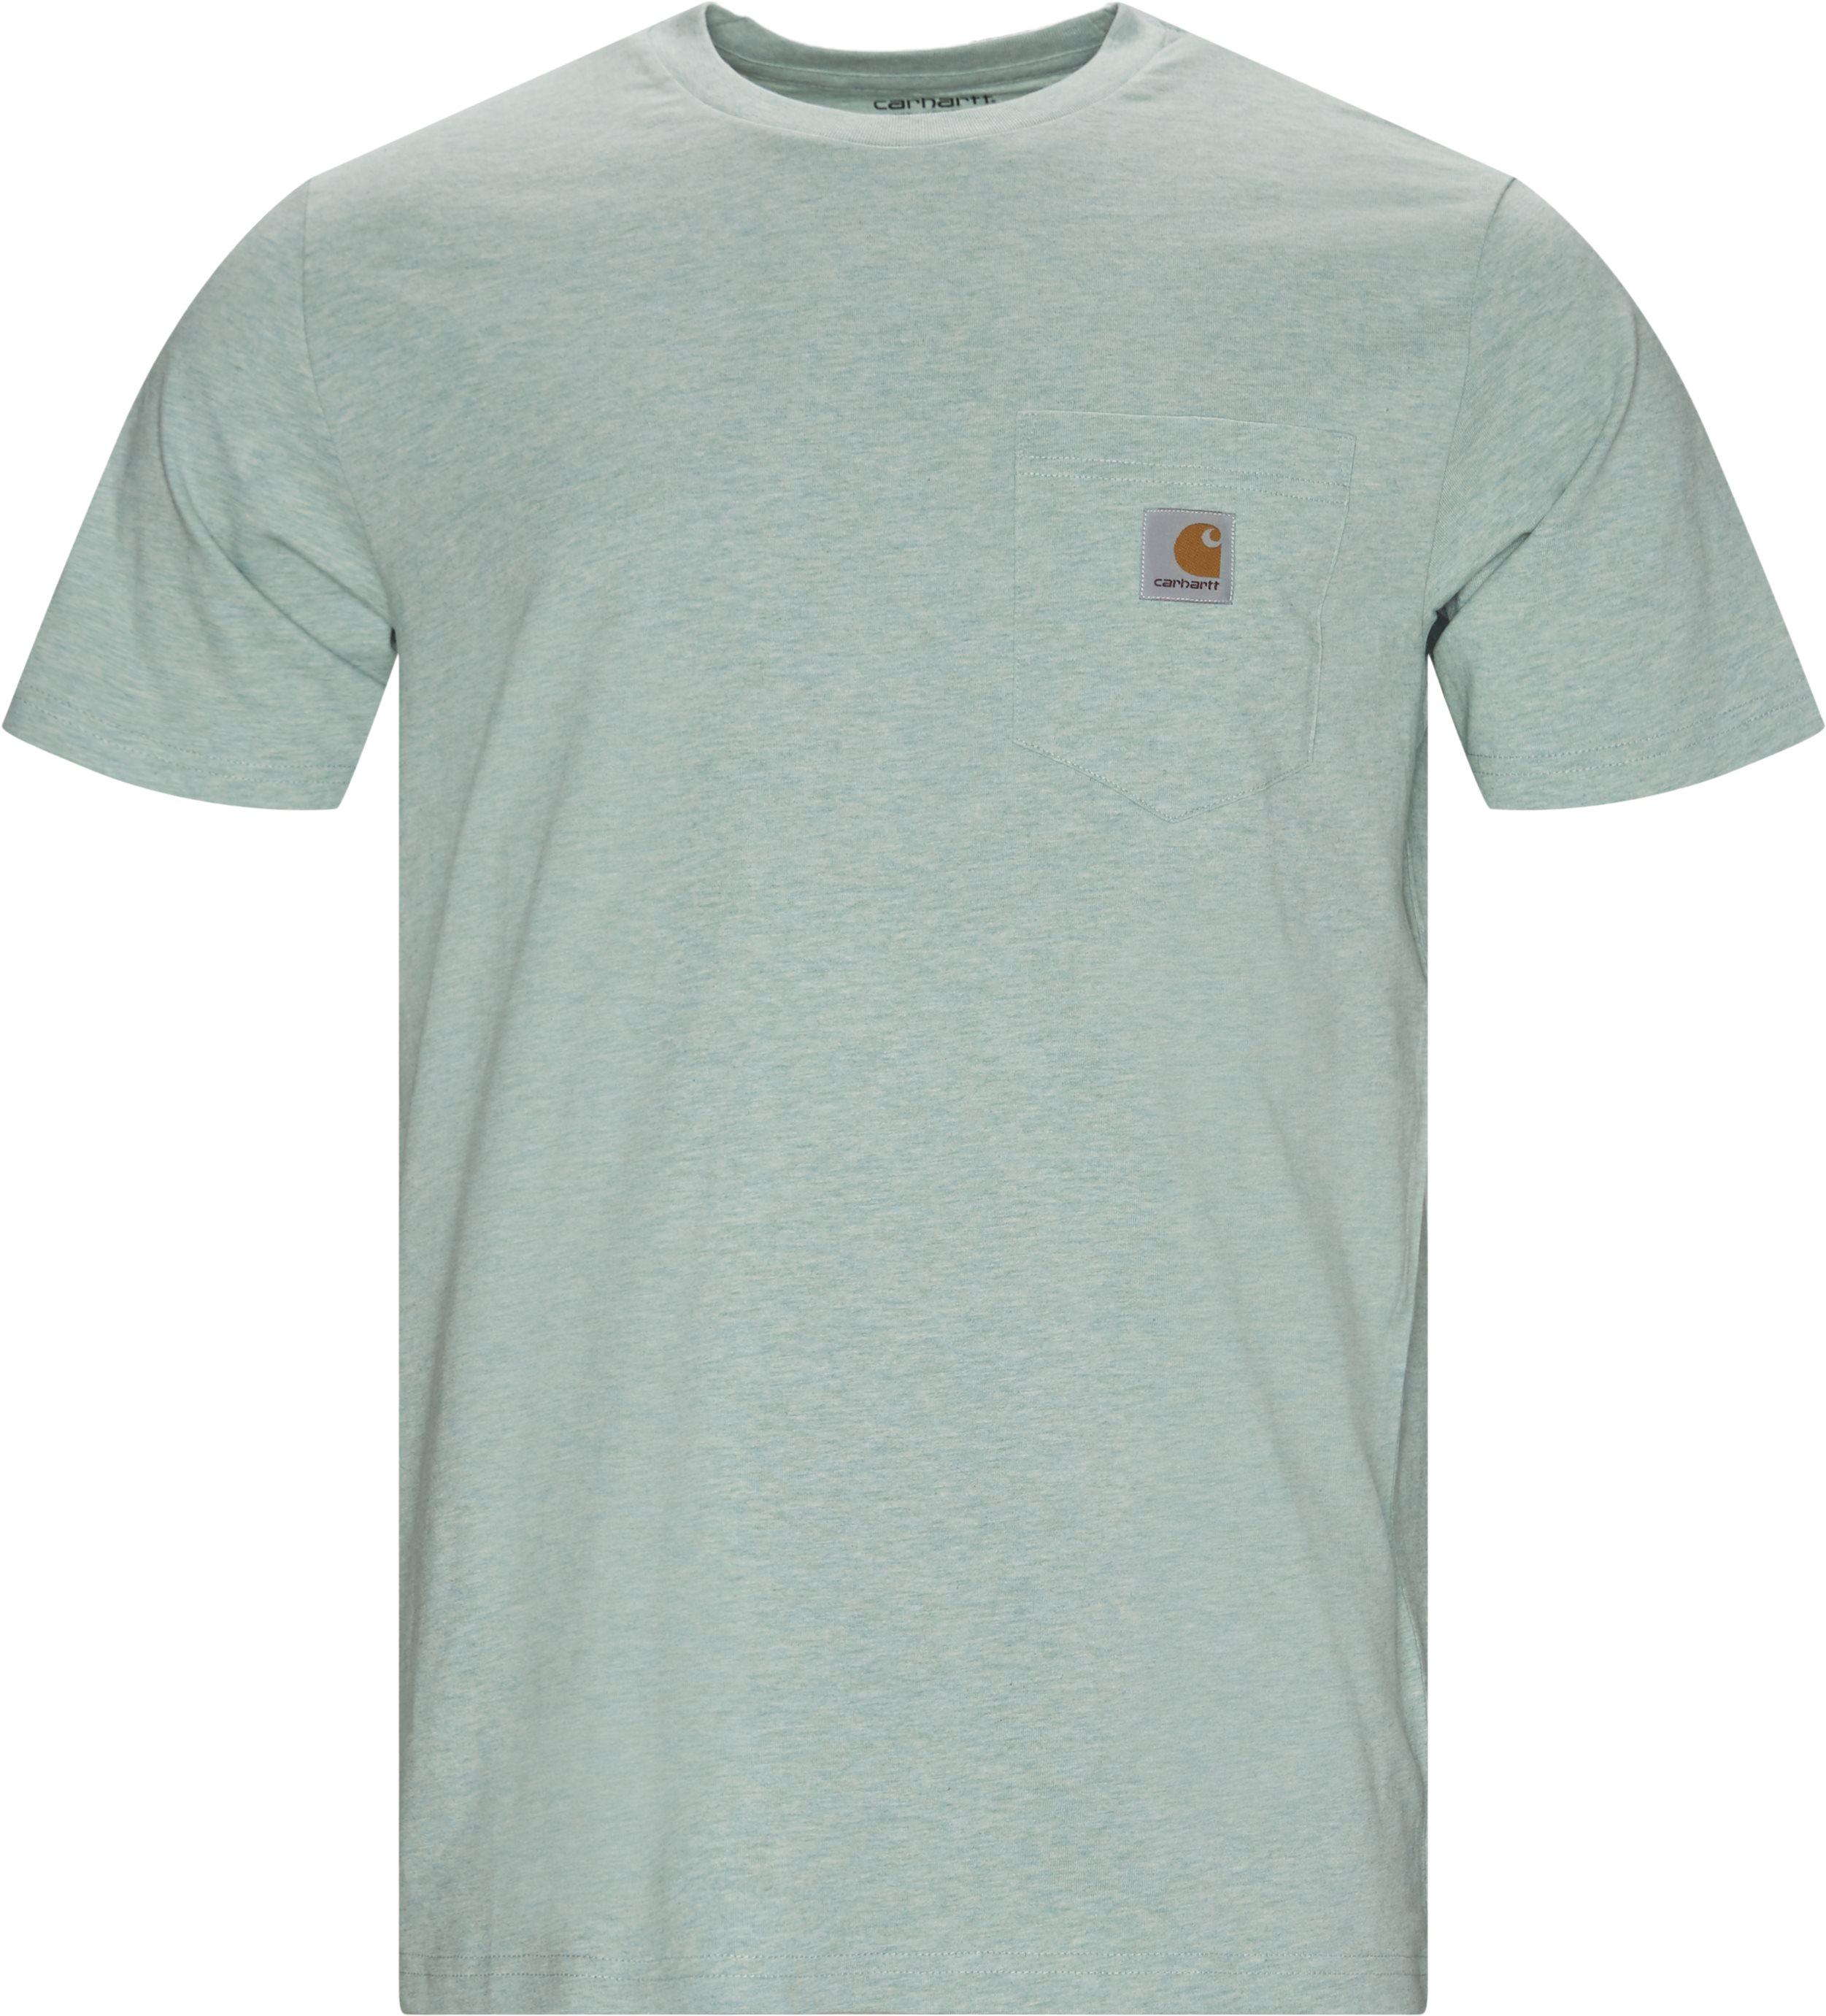 T-shirts - Regular - Green